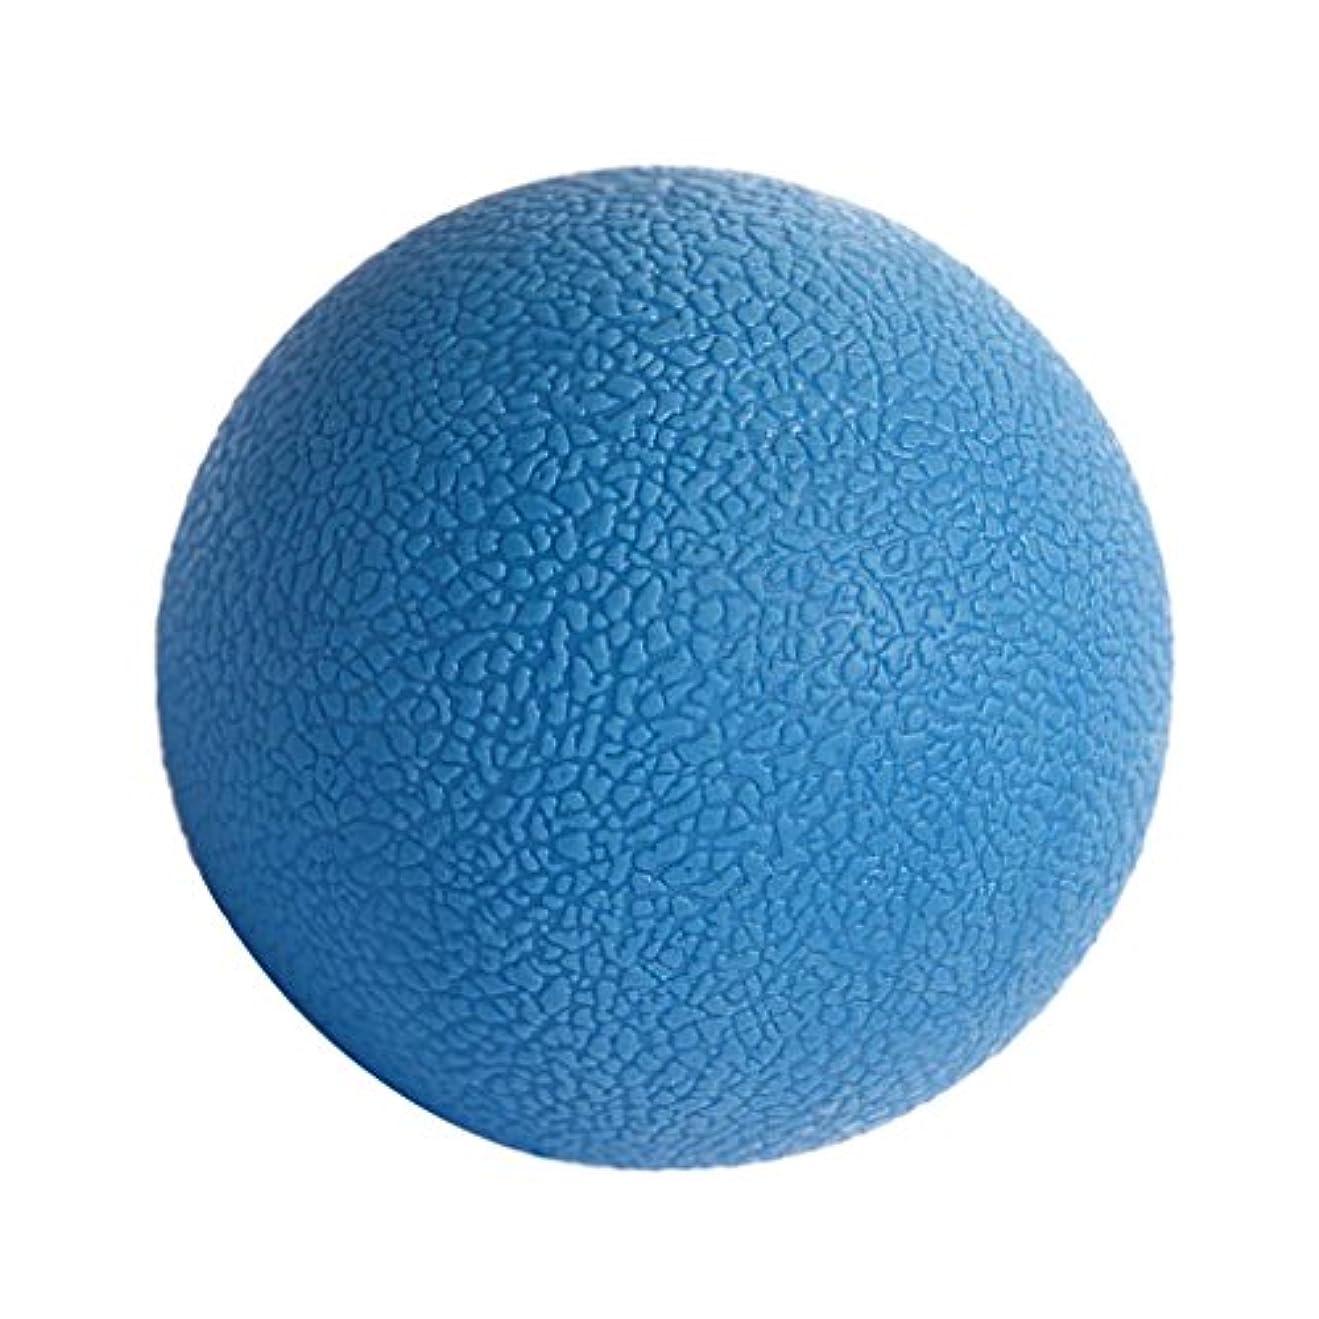 絵止まるジャムKesoto マッサージボール ジムフィットネス 筋肉マッサージ ボール トリガーポイント 4色選べる - 青